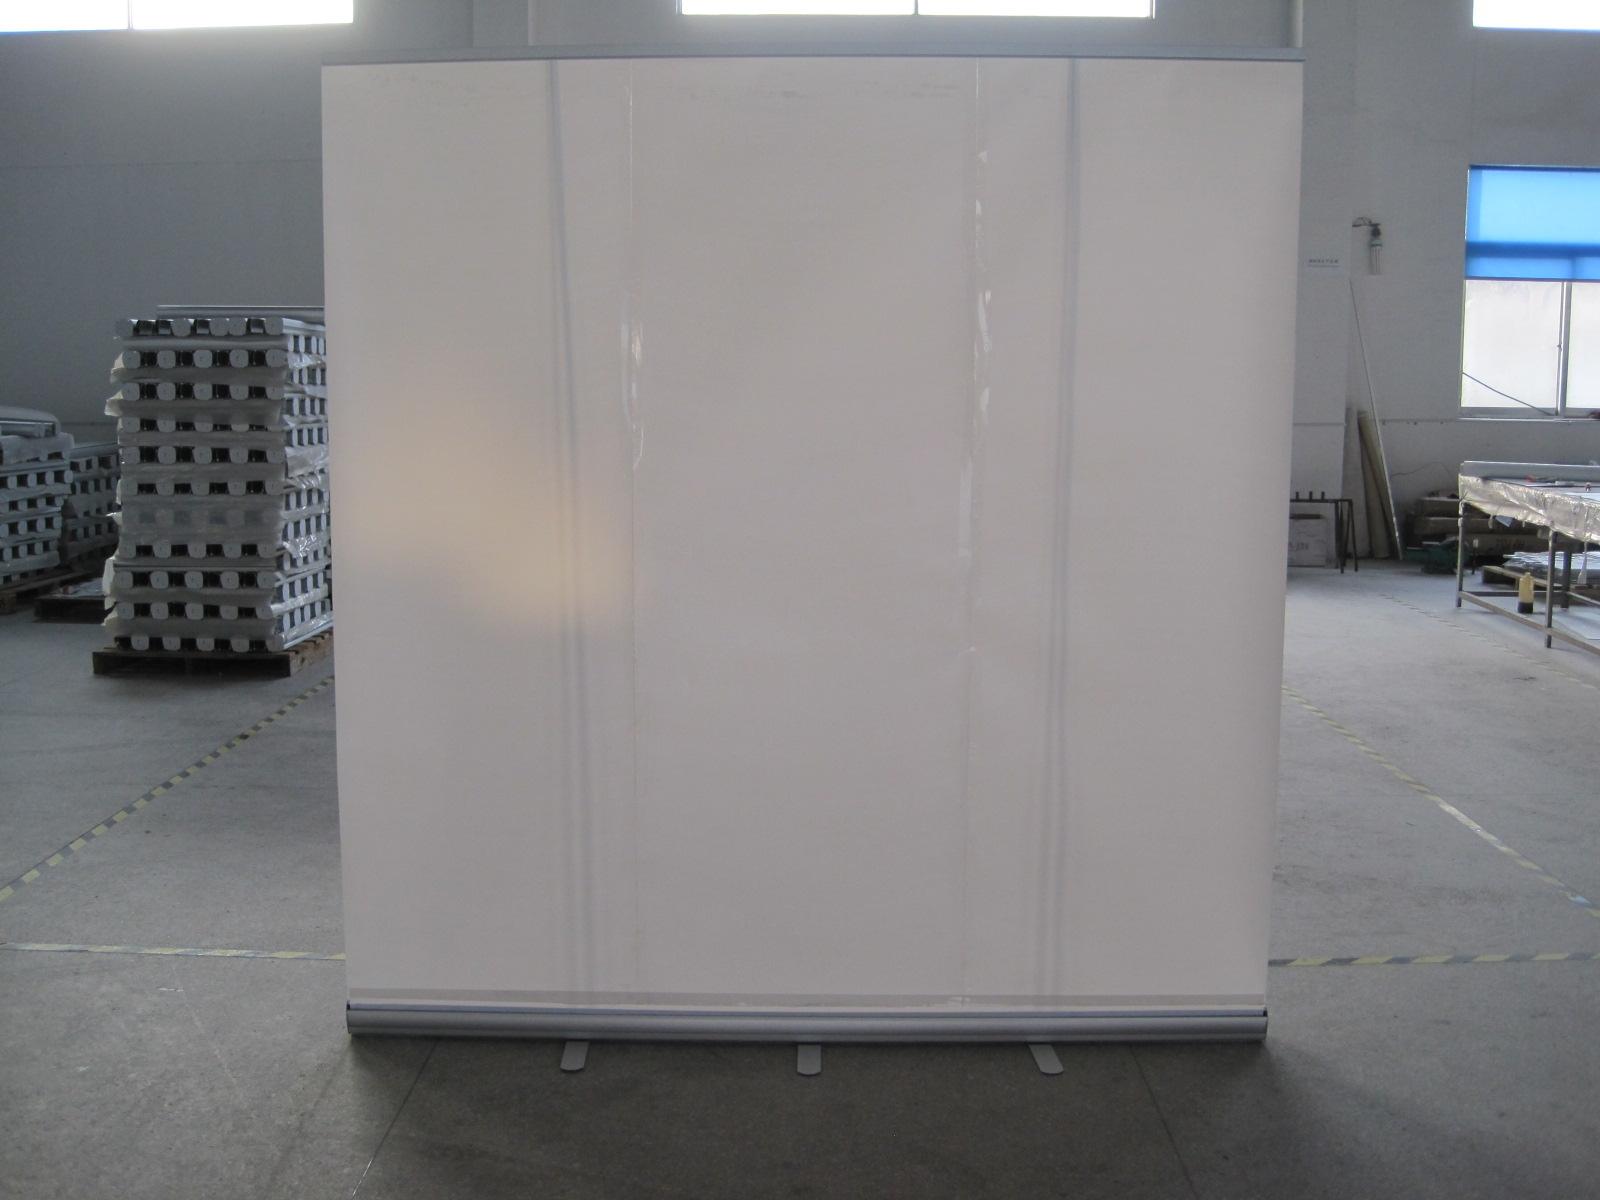 Buy Giant Retractable Banner Stands Brands, Sales Giant Retractable Banner Stands Factory, China Giant Retractable Banner Stands OEM